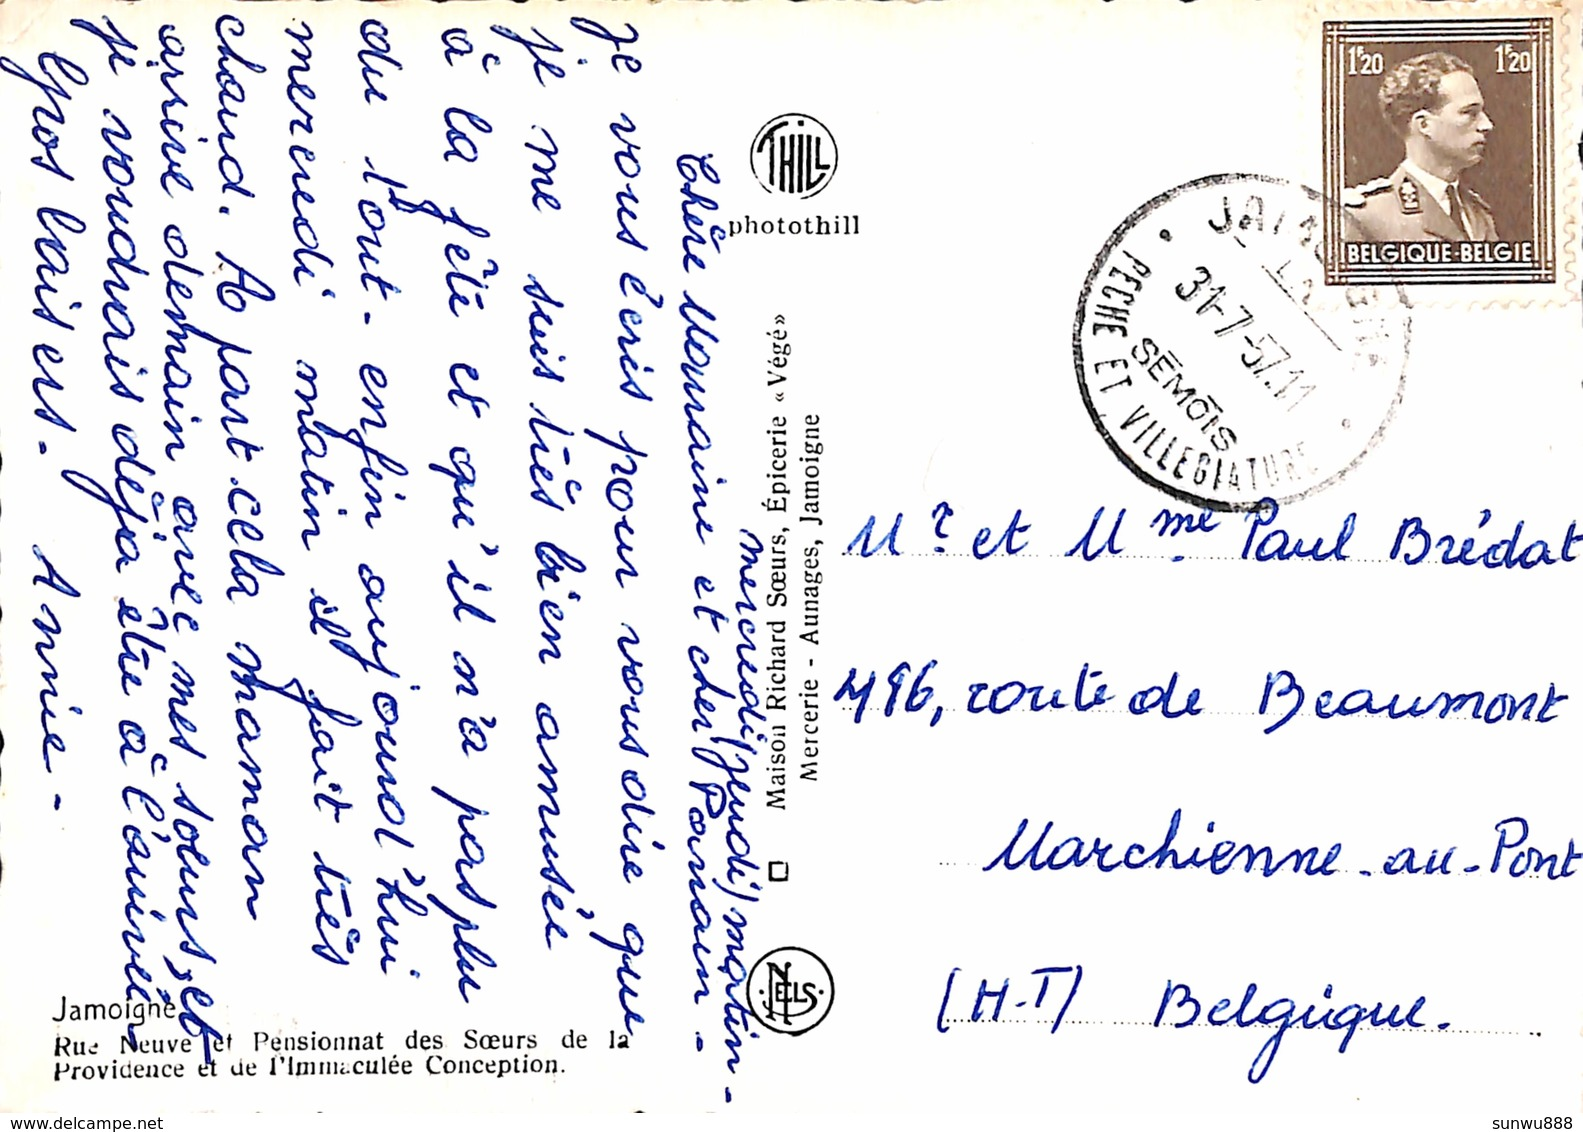 Jamoigne - Rue Neuve Et Pensionnat Des Soeurs De La Providence (Maison Richard Soeurs, Epicerie Végé 1957) - Chiny